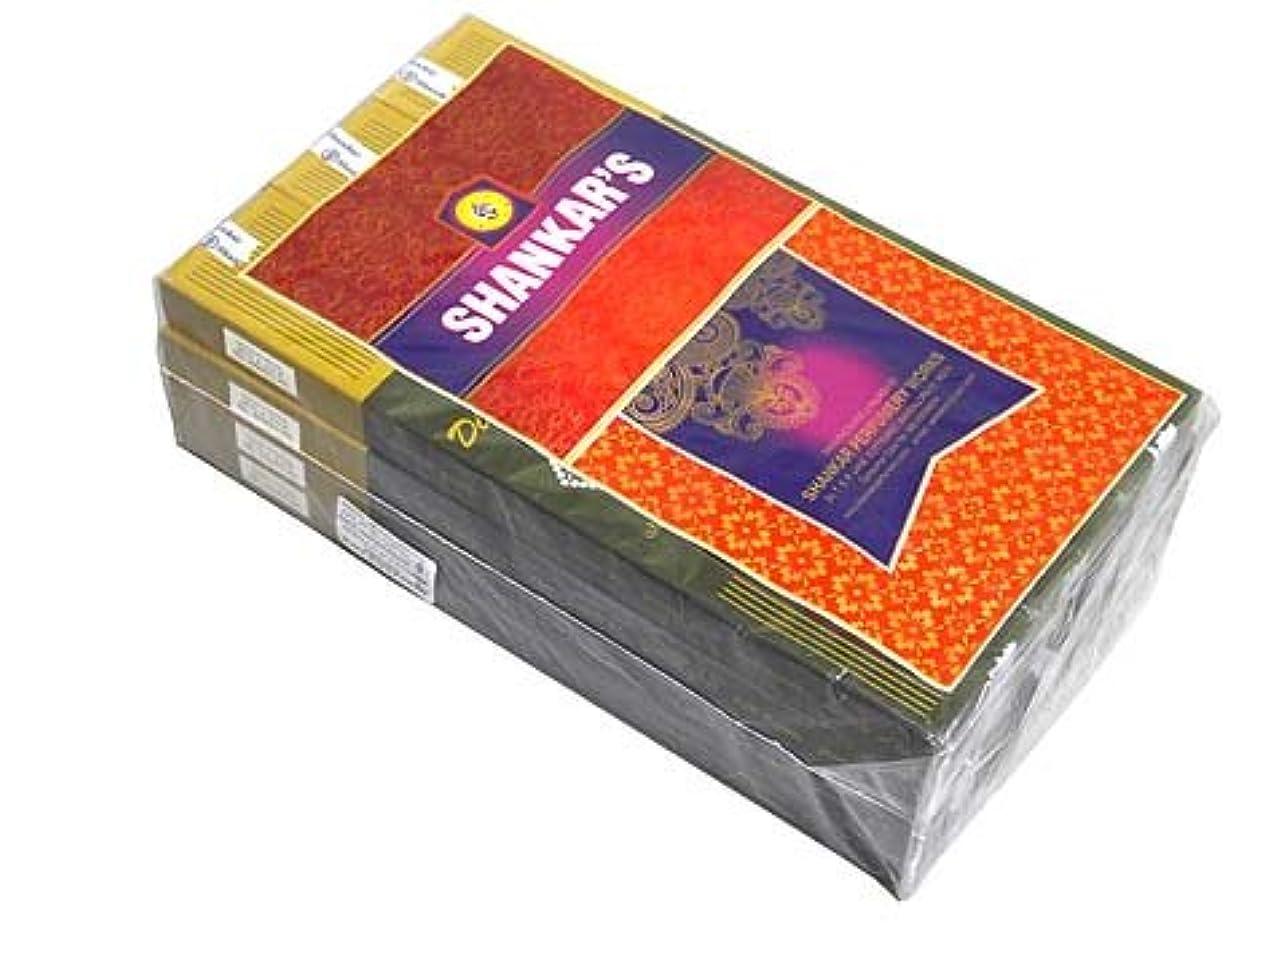 ブレースおばあさん栄光SHANKAR'S(シャンカーズ) ブラックダイヤモンド香 スティック BLACK DIAMOND 12箱セット